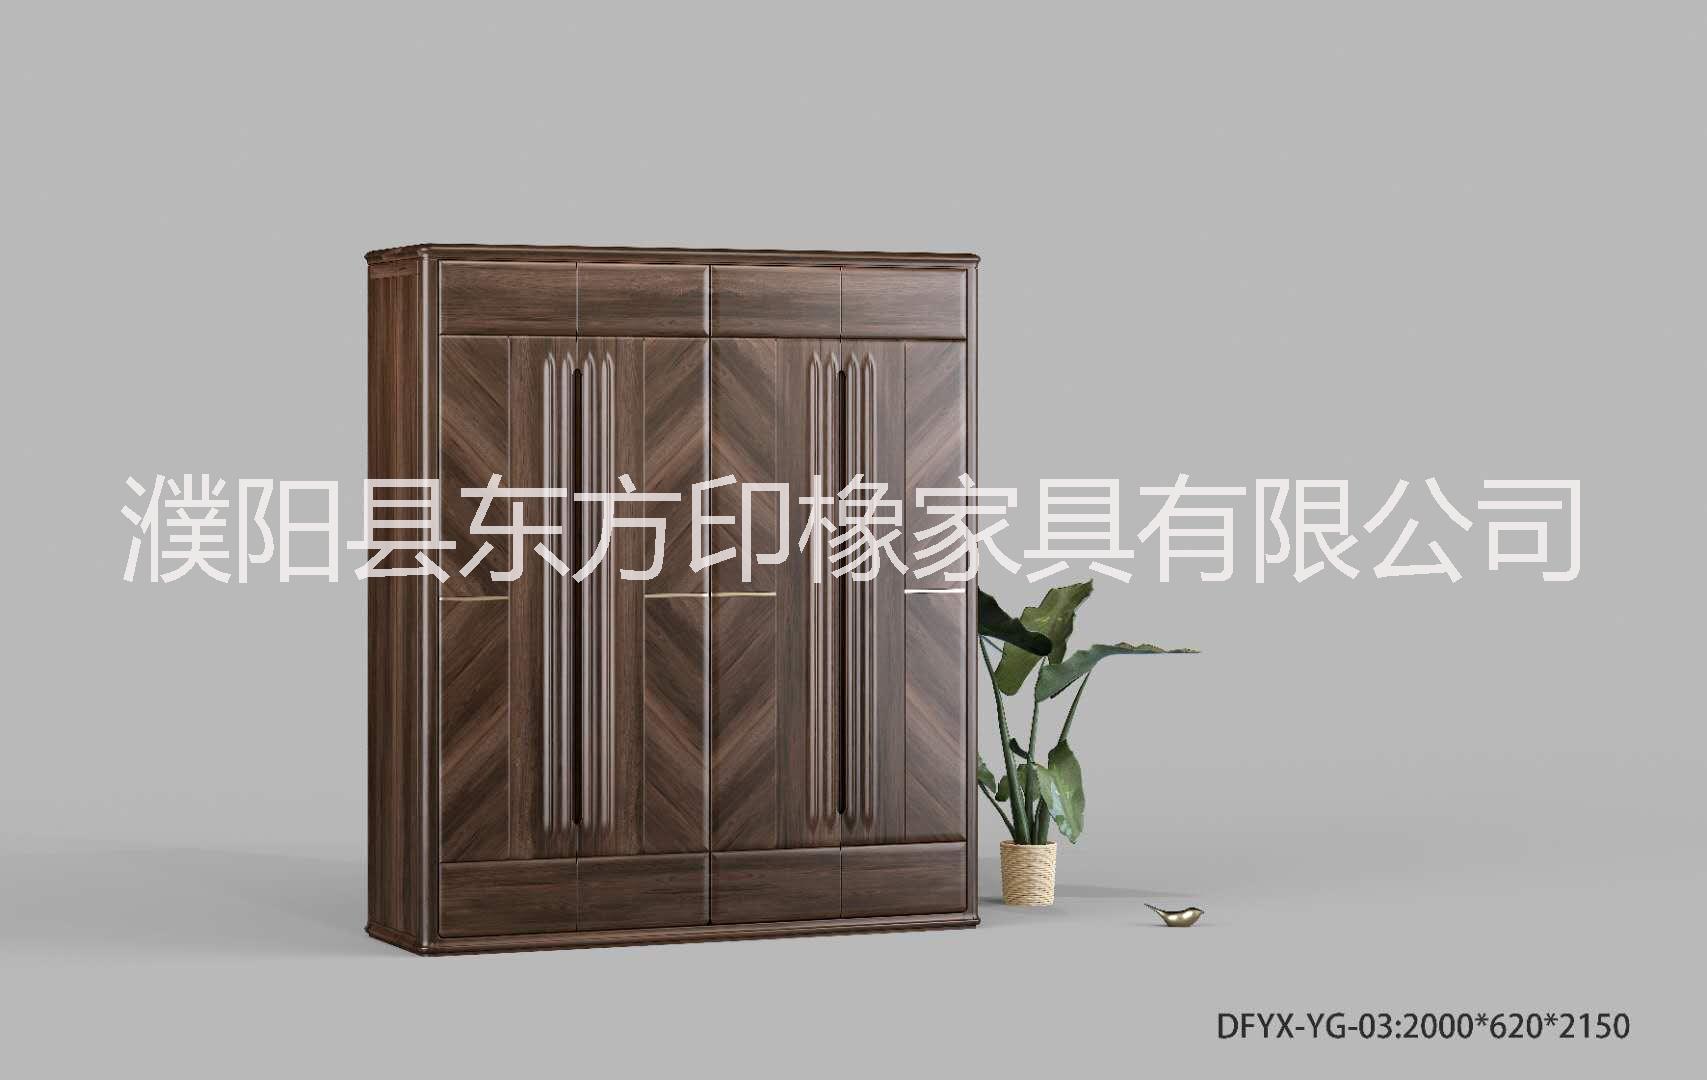 濮阳衣柜供应商     衣柜      河南衣柜厂家      衣柜价格 优质衣柜